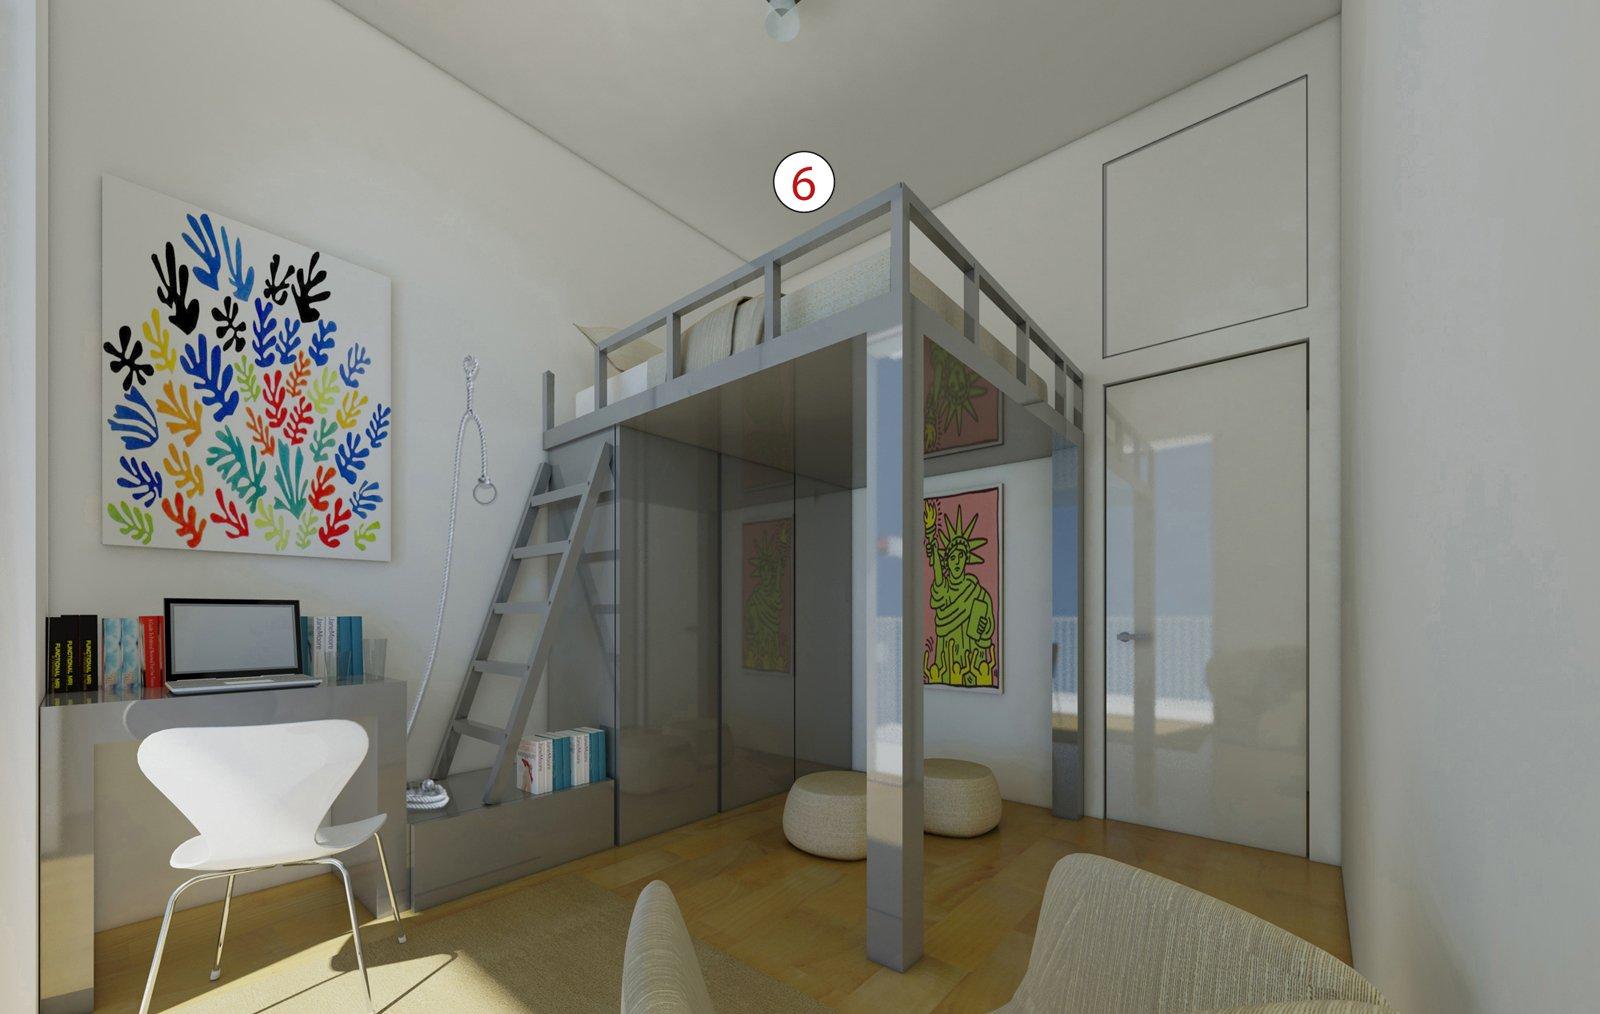 Tante idee per migliorare casa focus sulla zona notte cose di casa - Idee soppalco camera da letto ...